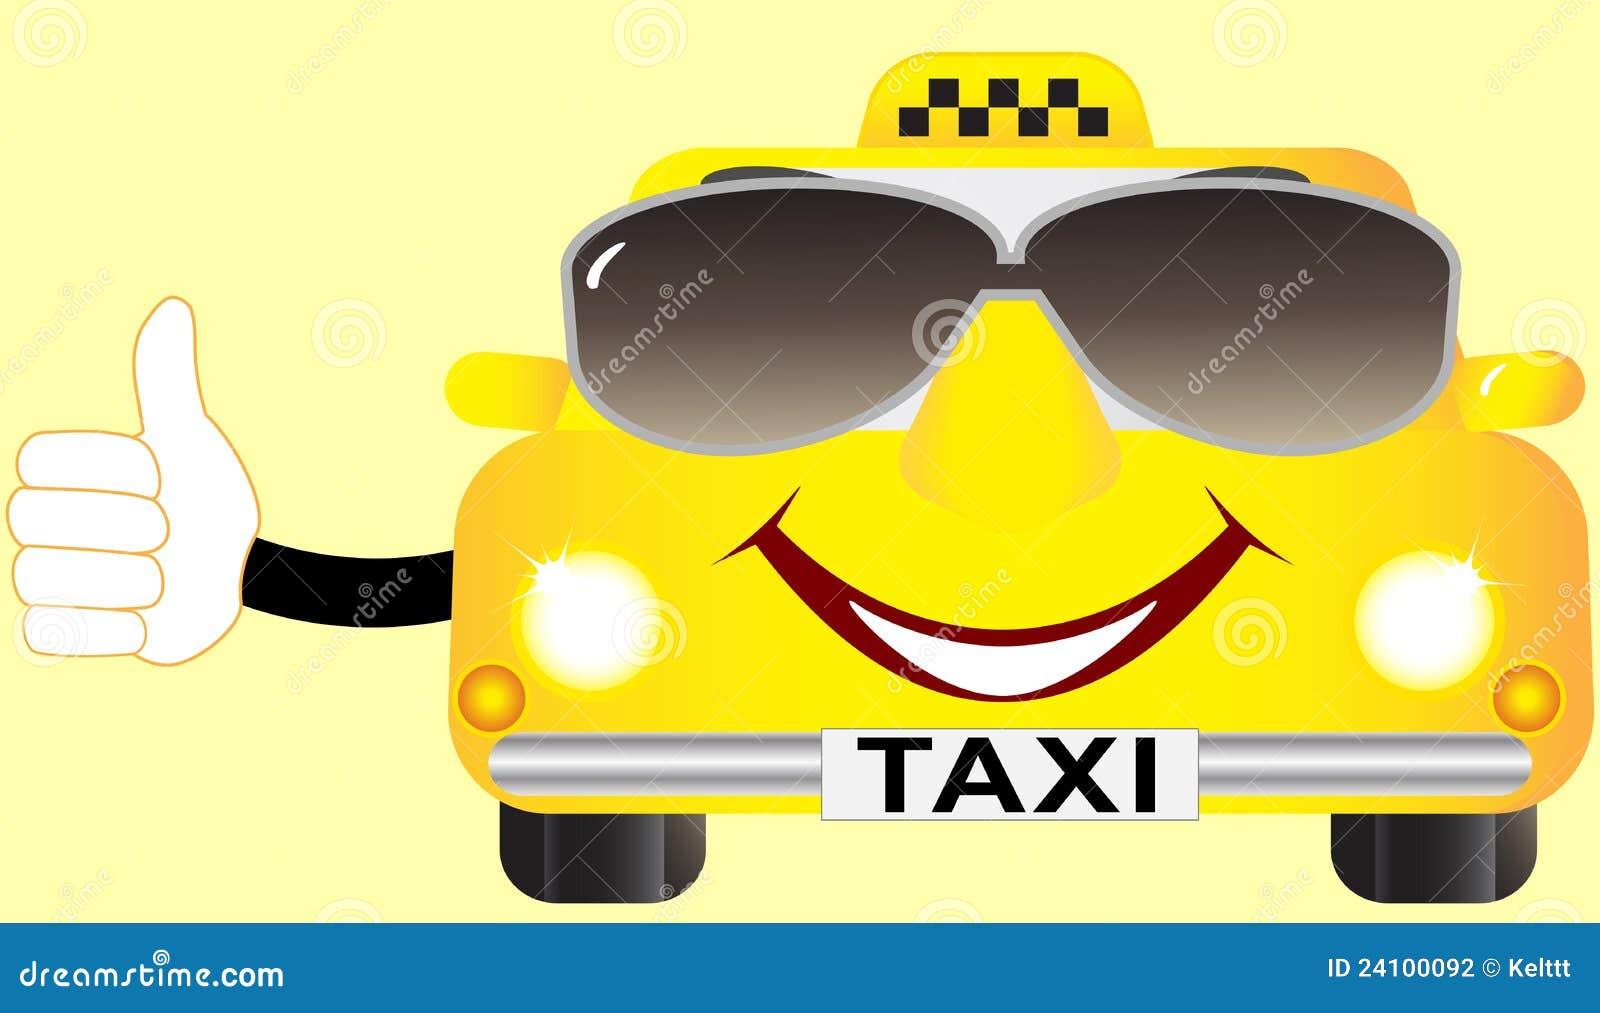 рецепт прикольные картинки такси мотор беды